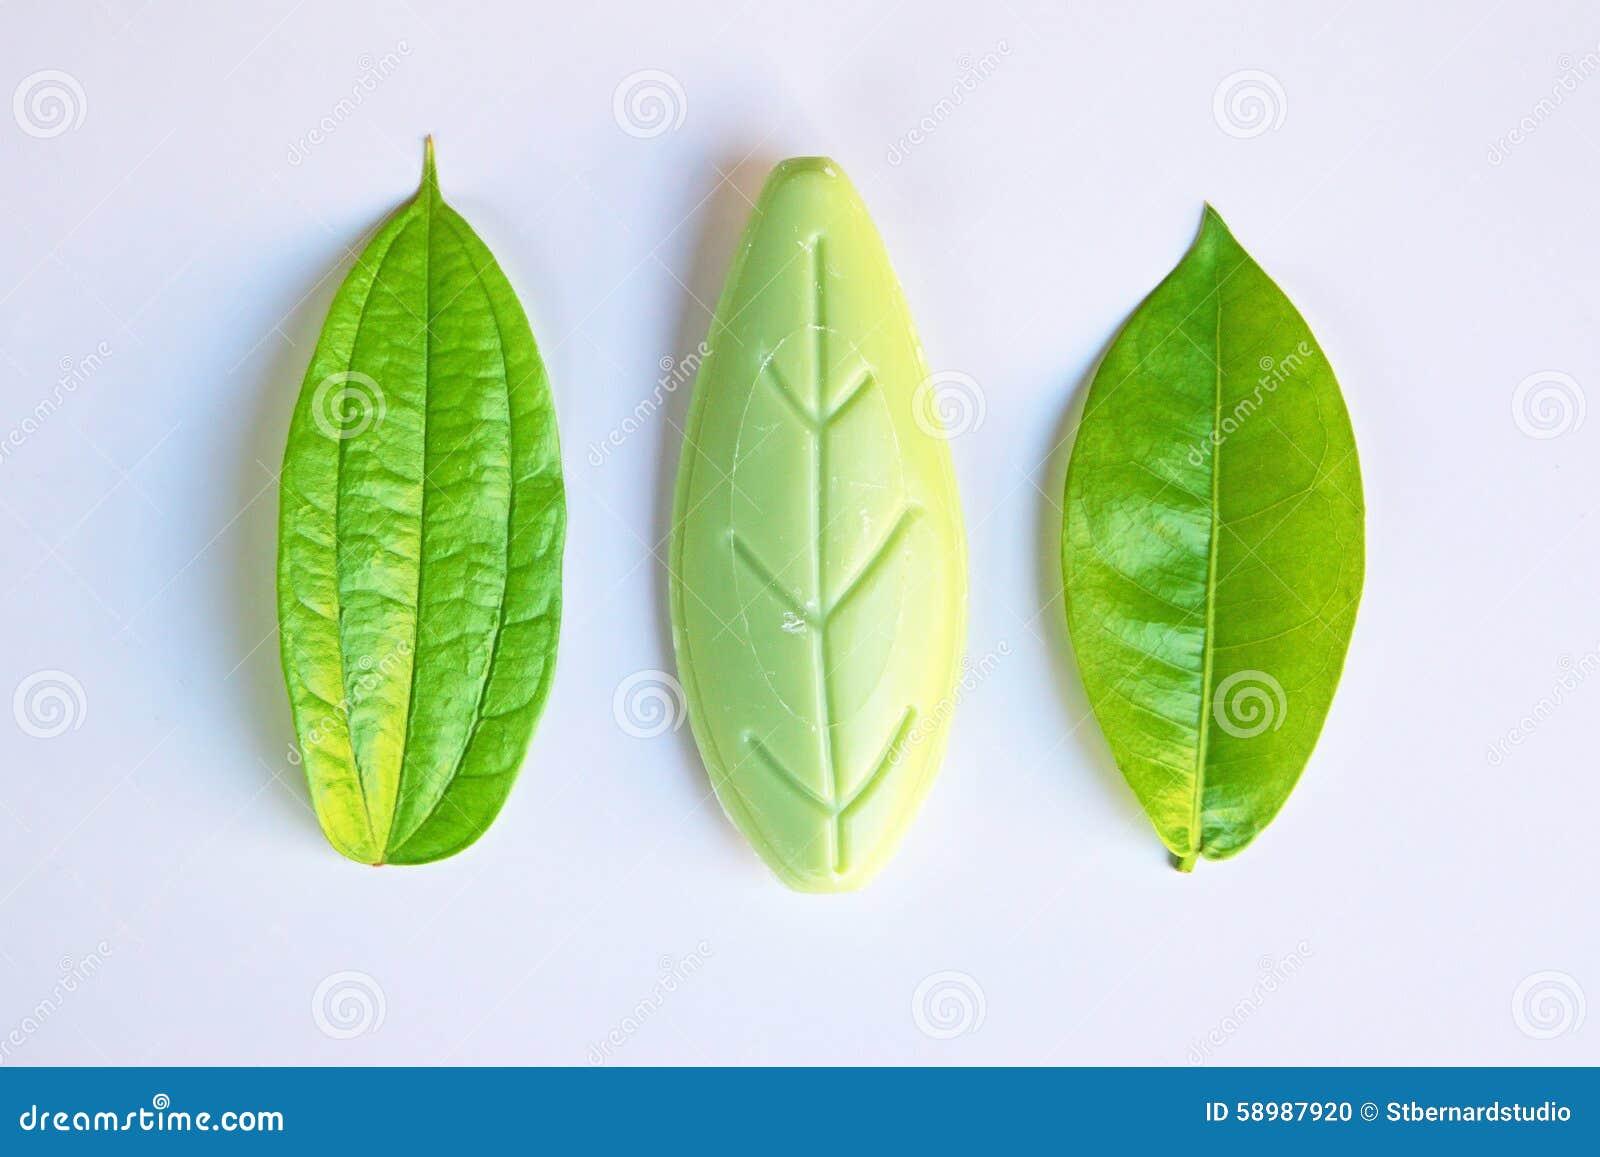 Ursprüngliche und gefälschte Gegenstände (Blätter) neben einander